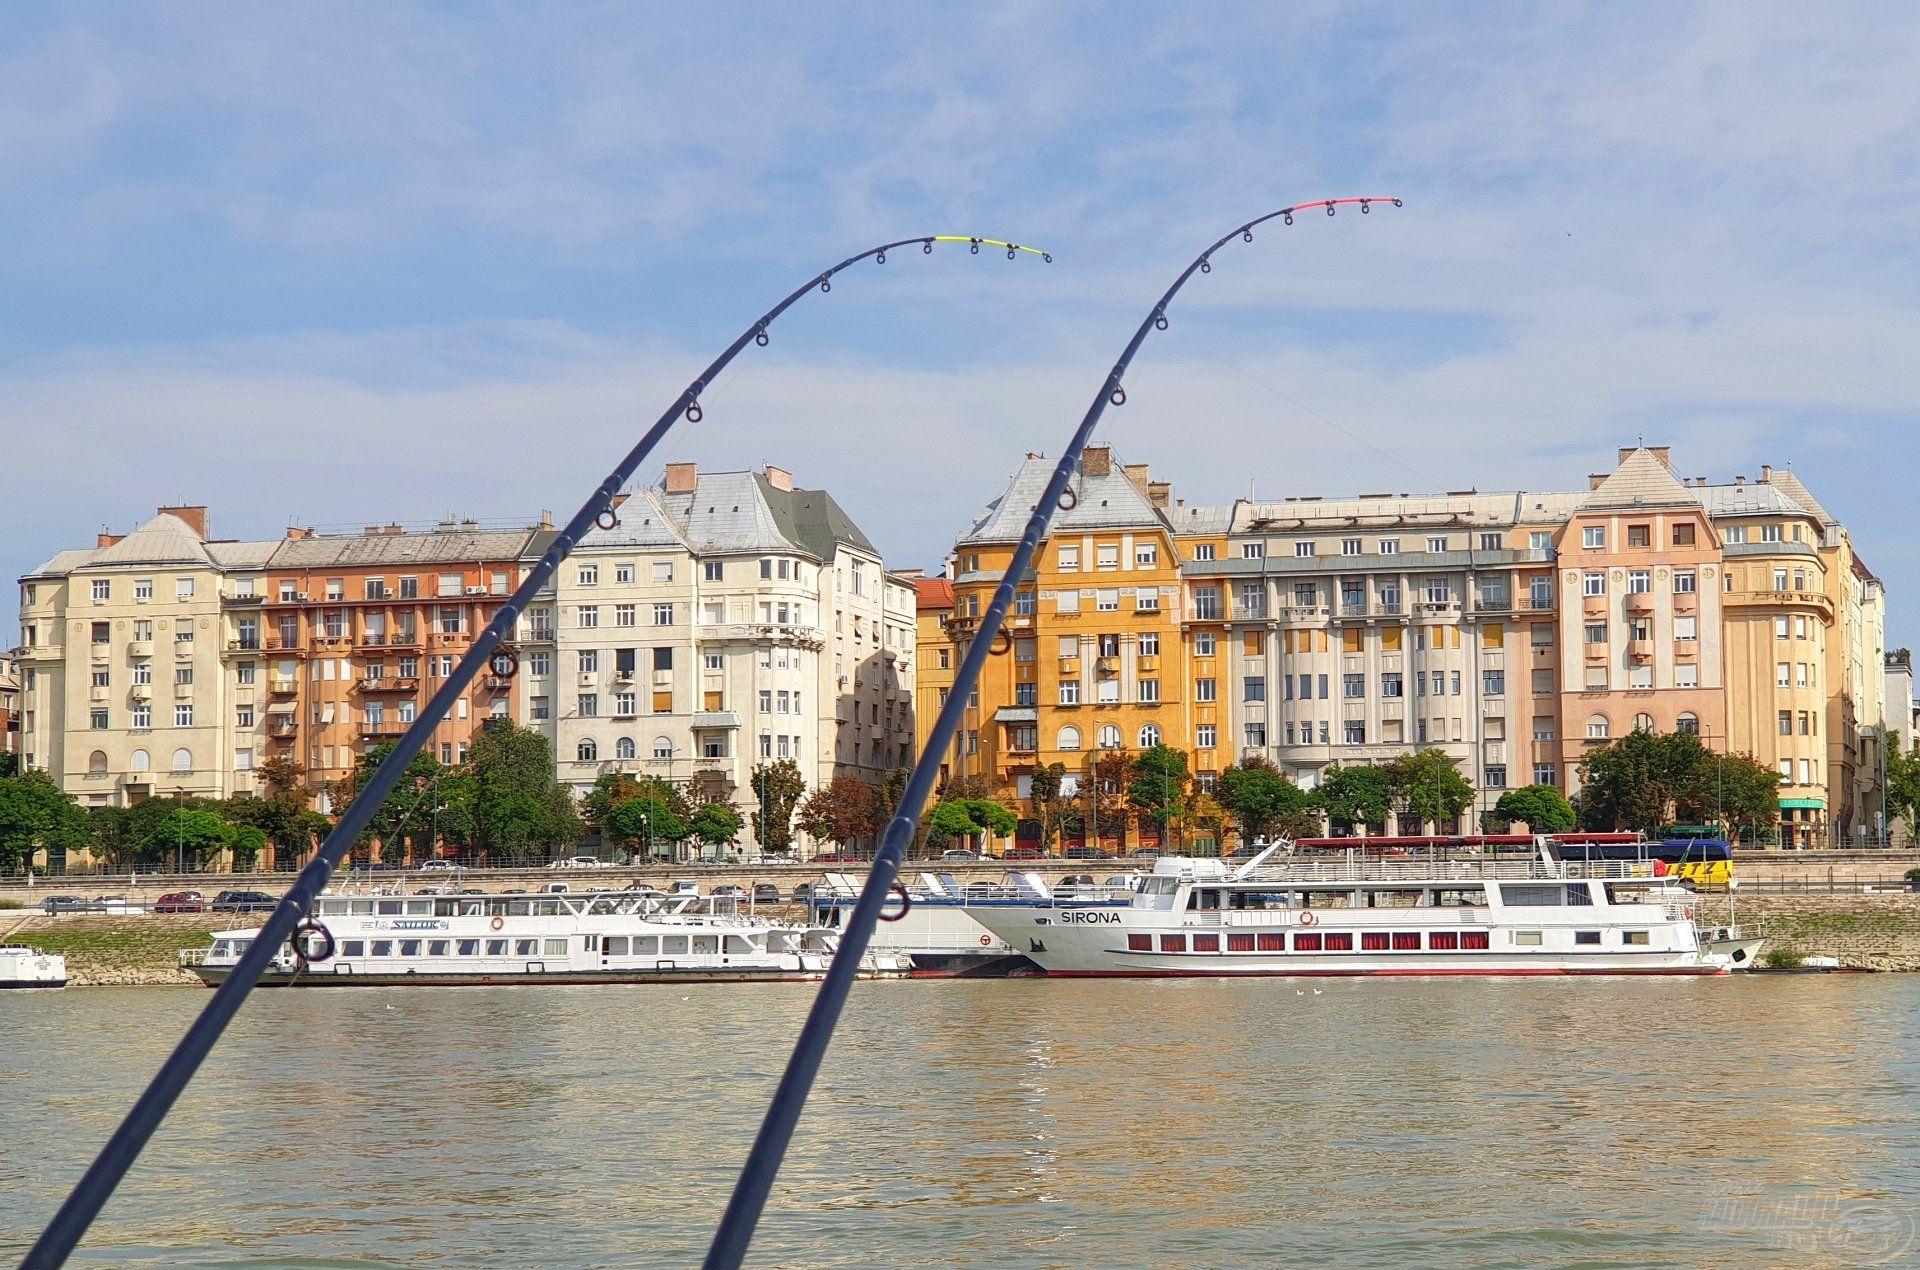 Több, mint két évtized után tértem vissza a Margitszigetre horgászbottal, mely rendkívül felemelő érzés volt